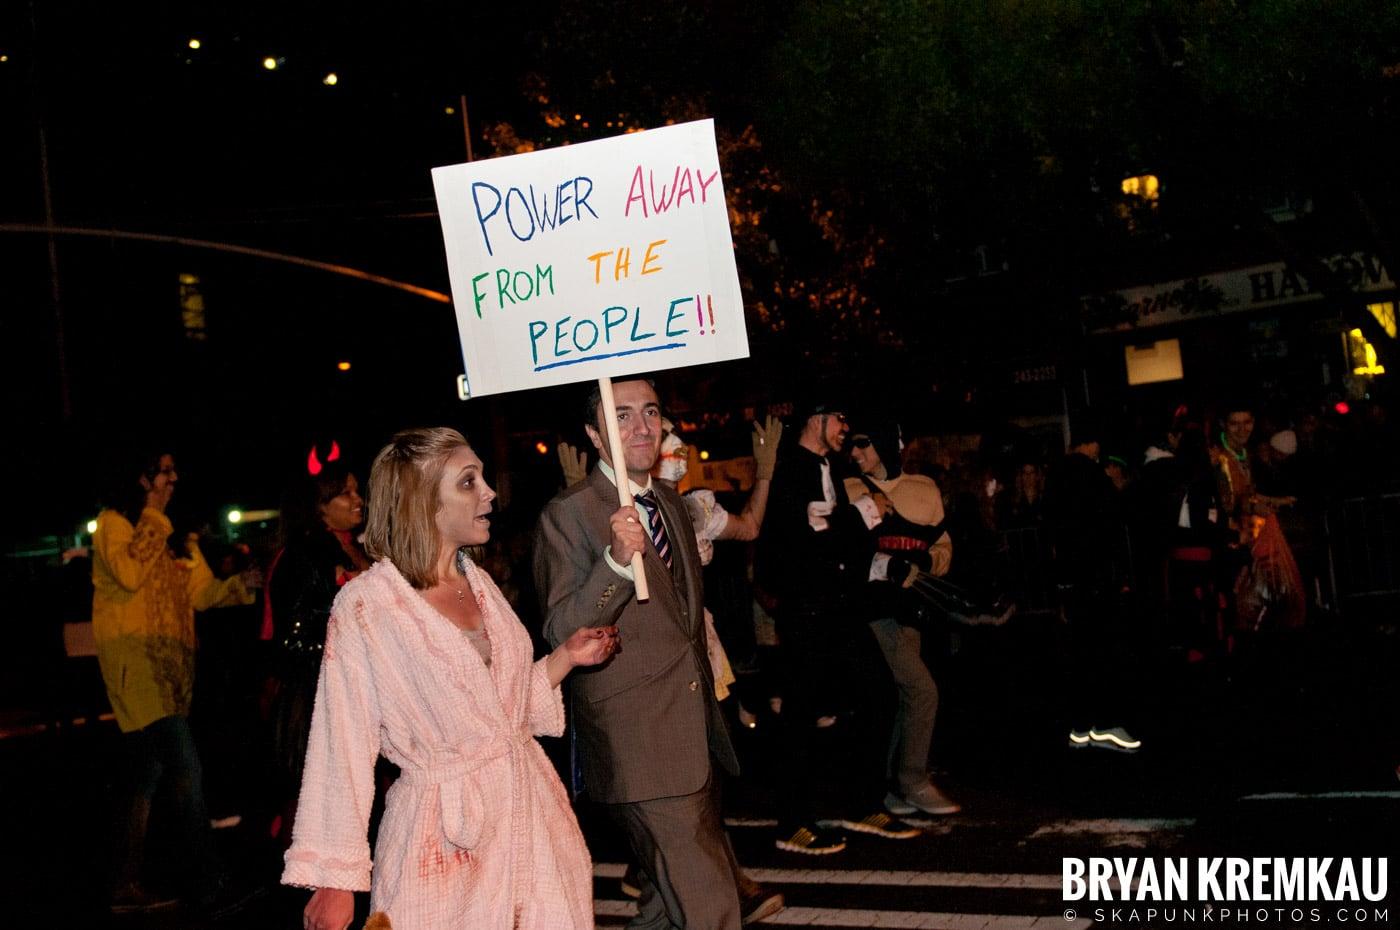 NYC Halloween Parade 2011 @ New York, NY - 10.31.11 (3)